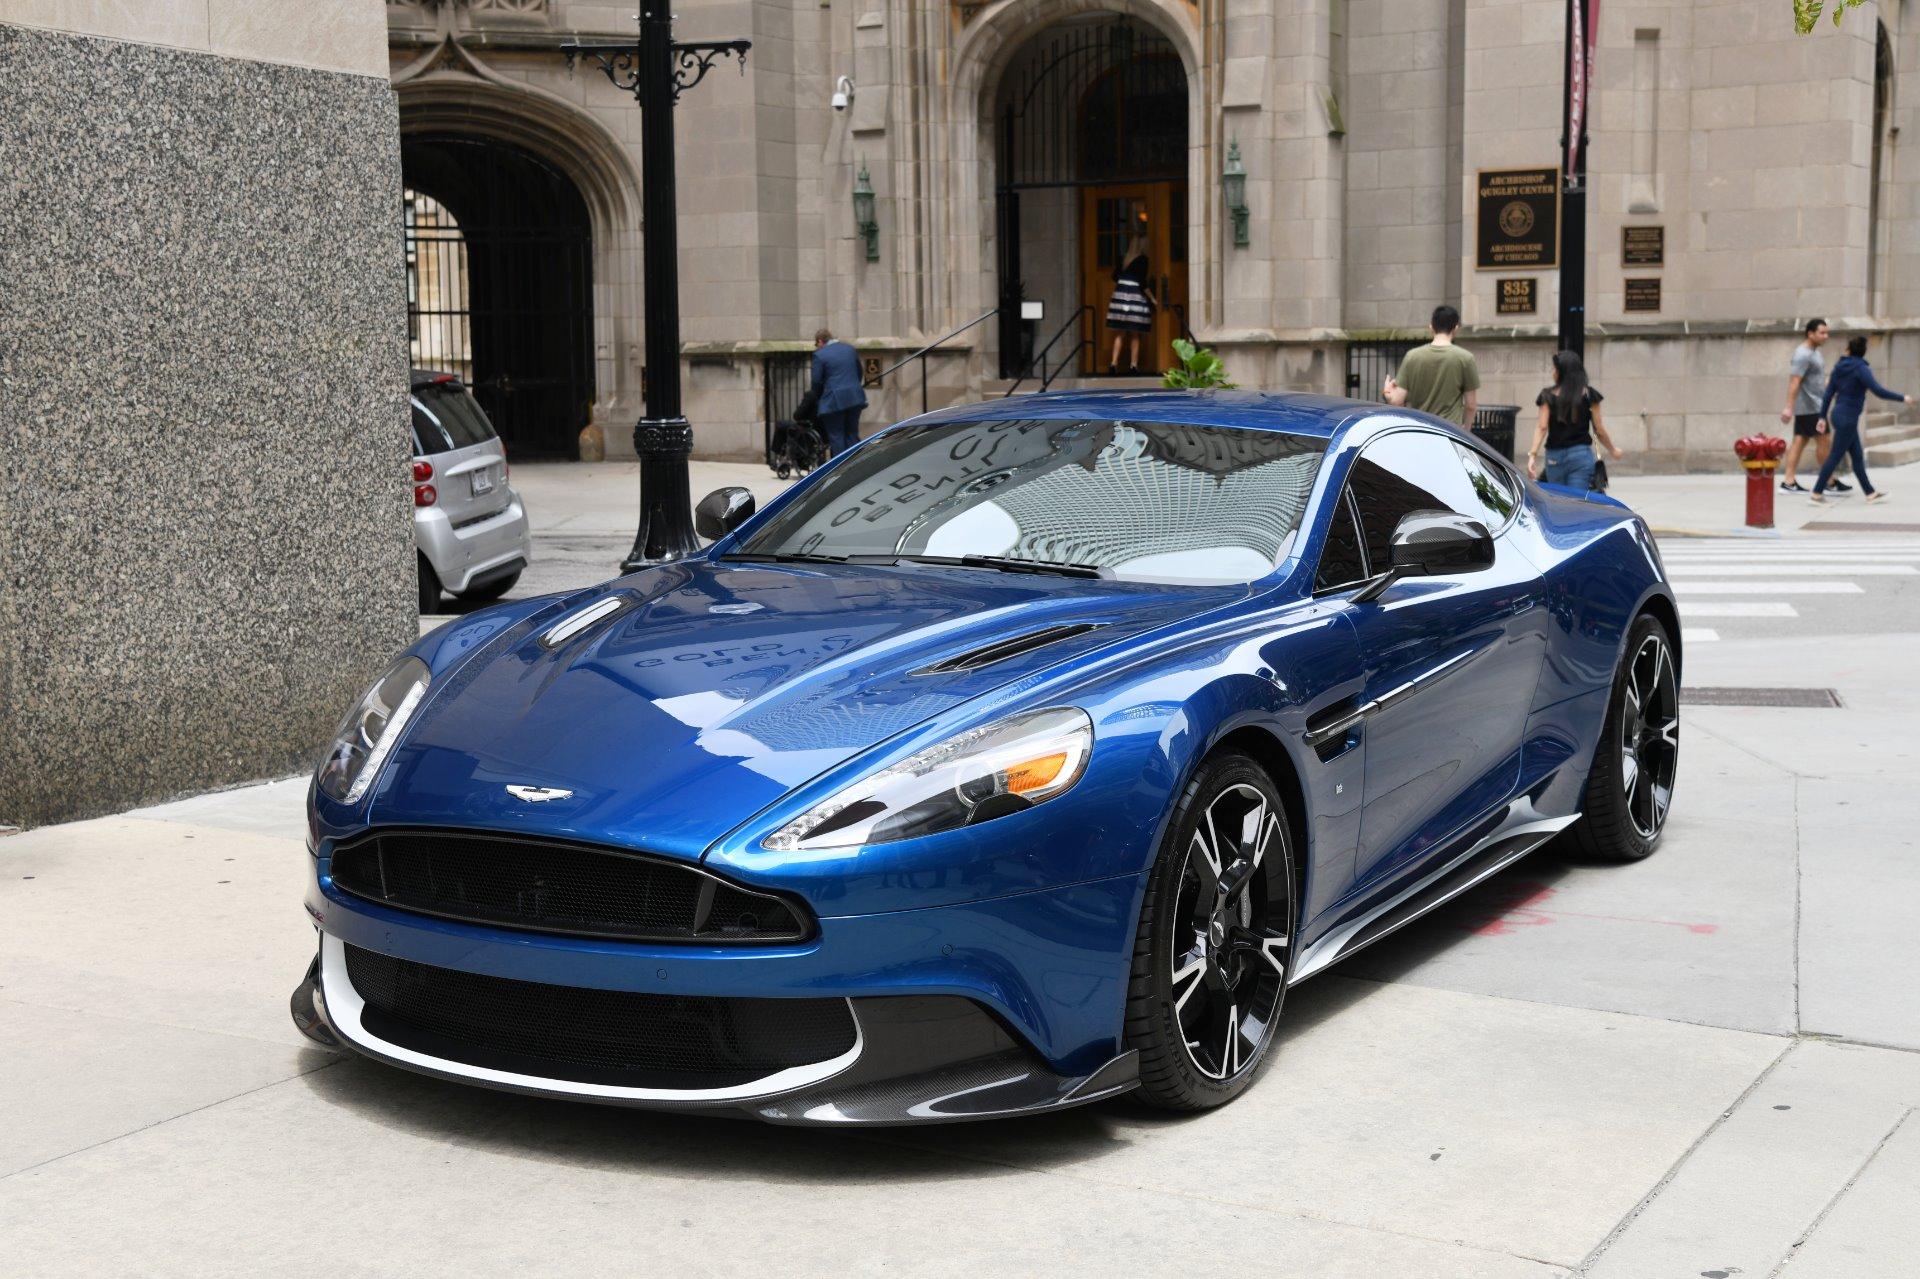 2018 Aston Martin Vanquish S Stock 03775 For Sale Near Chicago Il Il Aston Martin Dealer